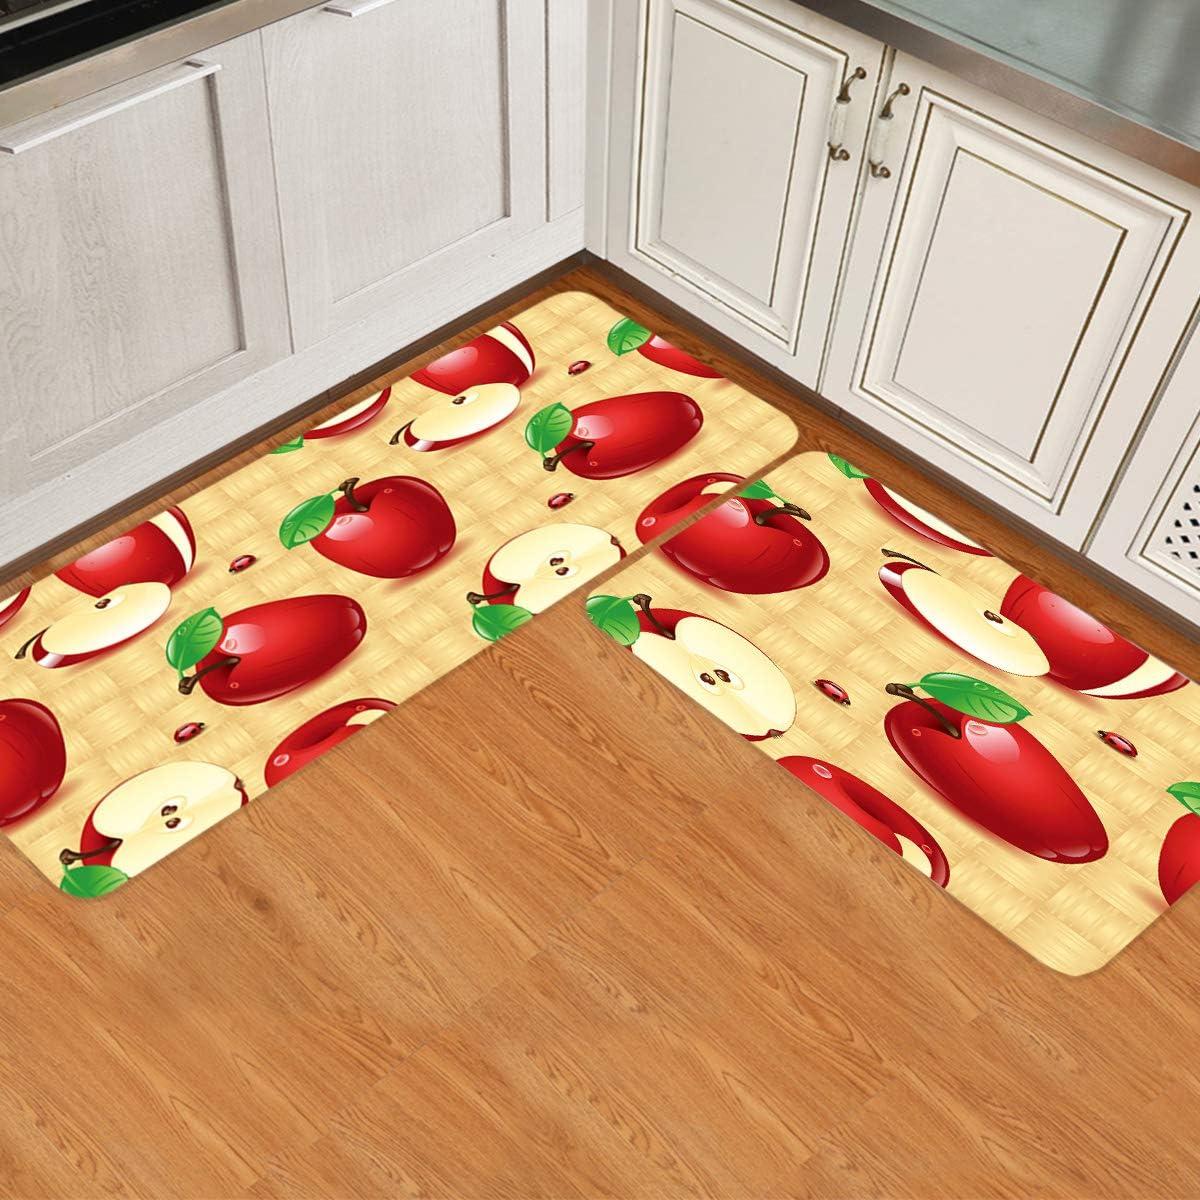 Gsypo Red Apples Kitchen Rugs Set 2 Pieces, Non Slip Comfort Standing Floor Mat, Entryway Doormat Water Absorbent Washable Runner 16